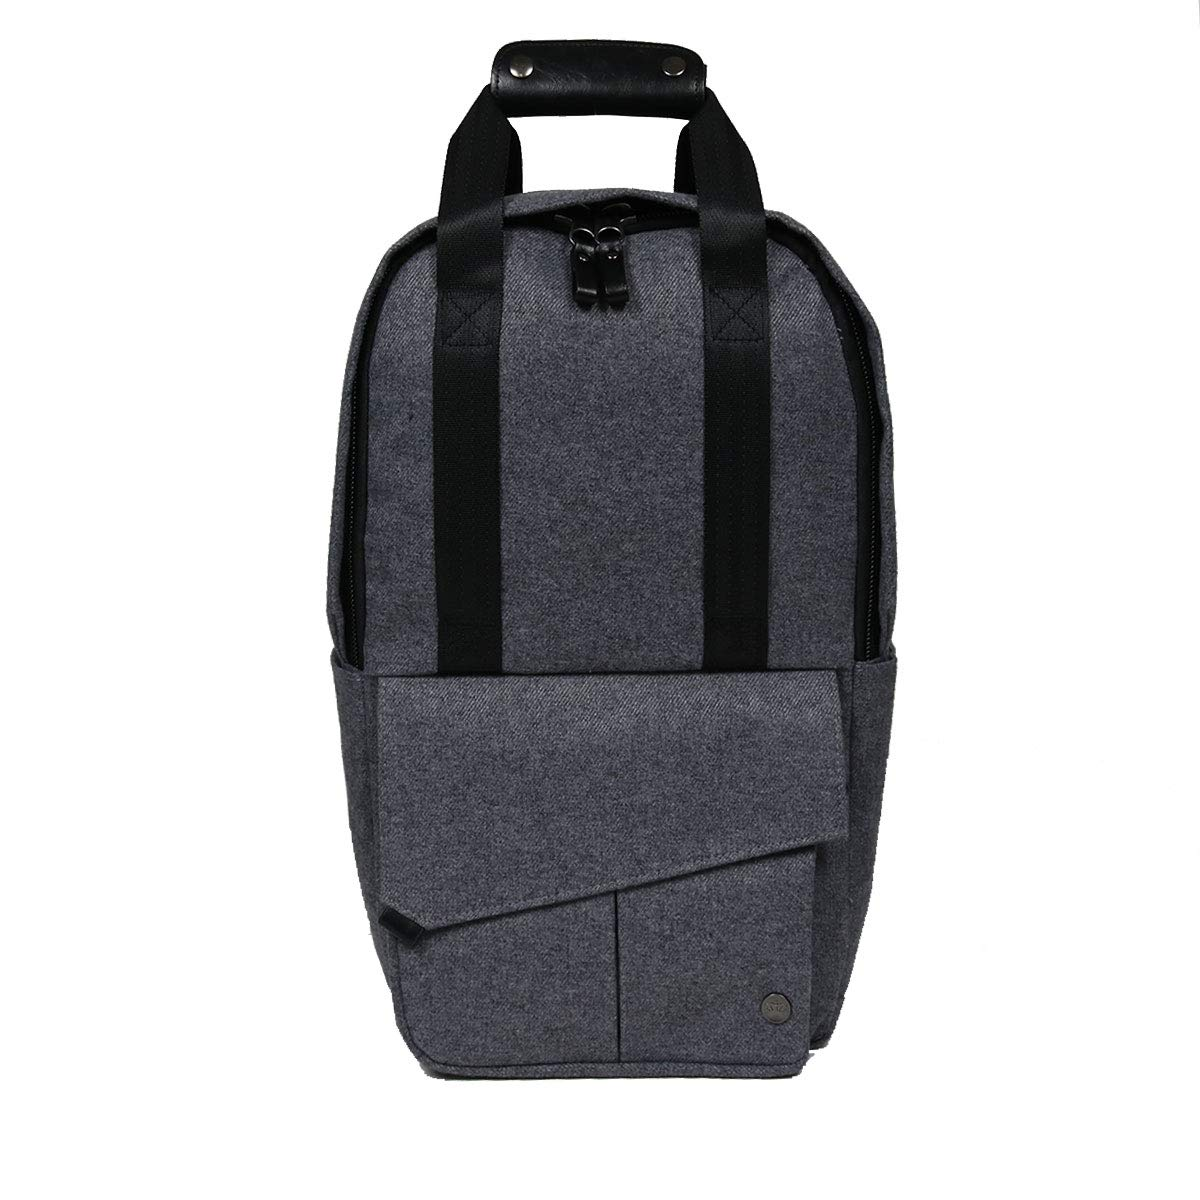 [ピーケージー] リュック ROSSEAU Mini バックパック メンズ LB08m-RO  【37】Wool B07KSQJ5ZL